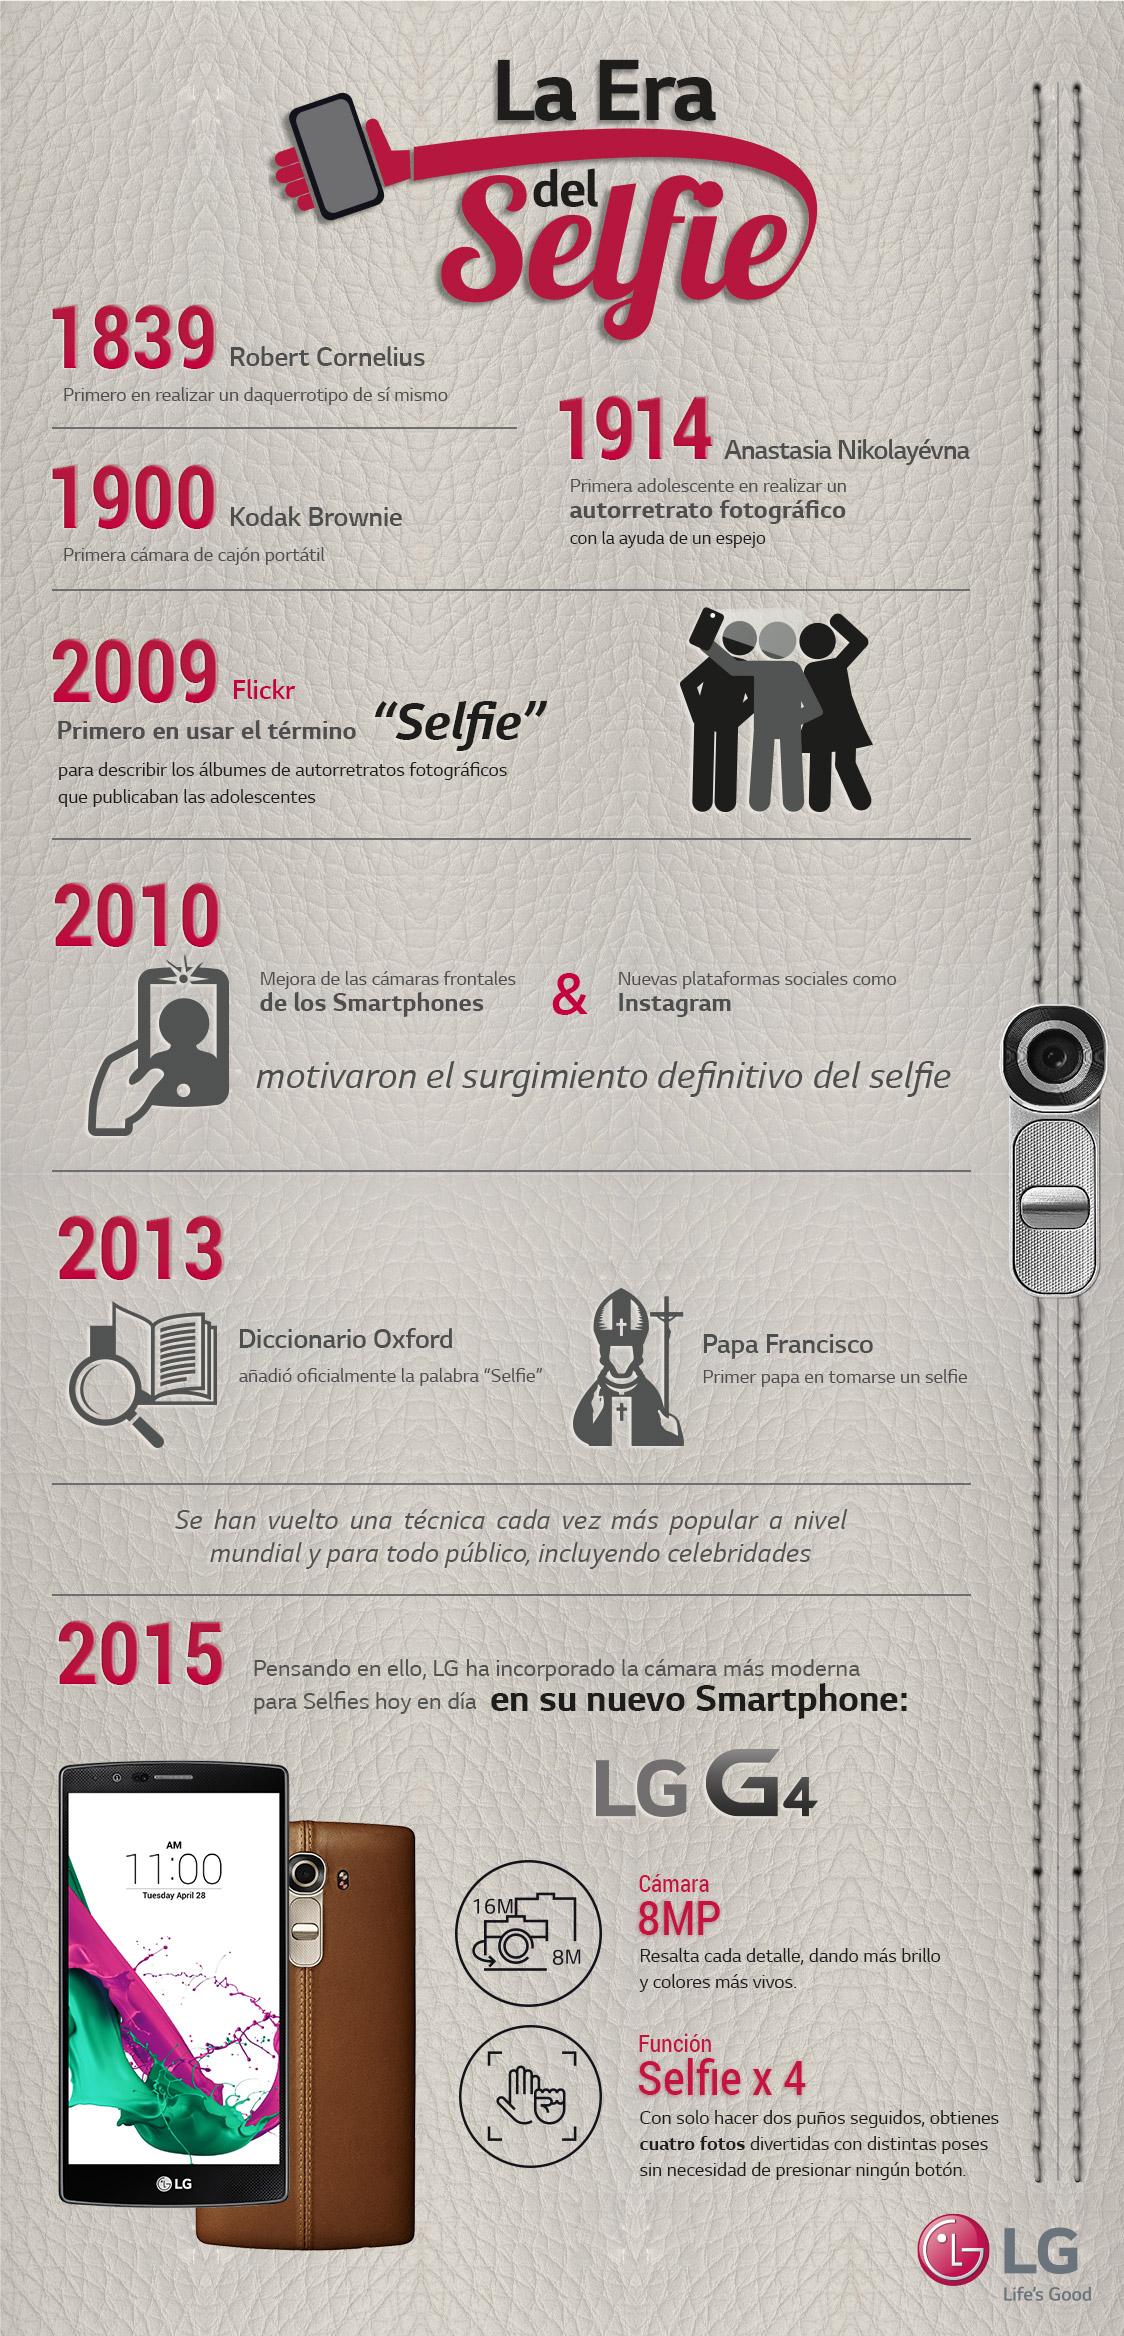 La historia del selfie contada en una infografía